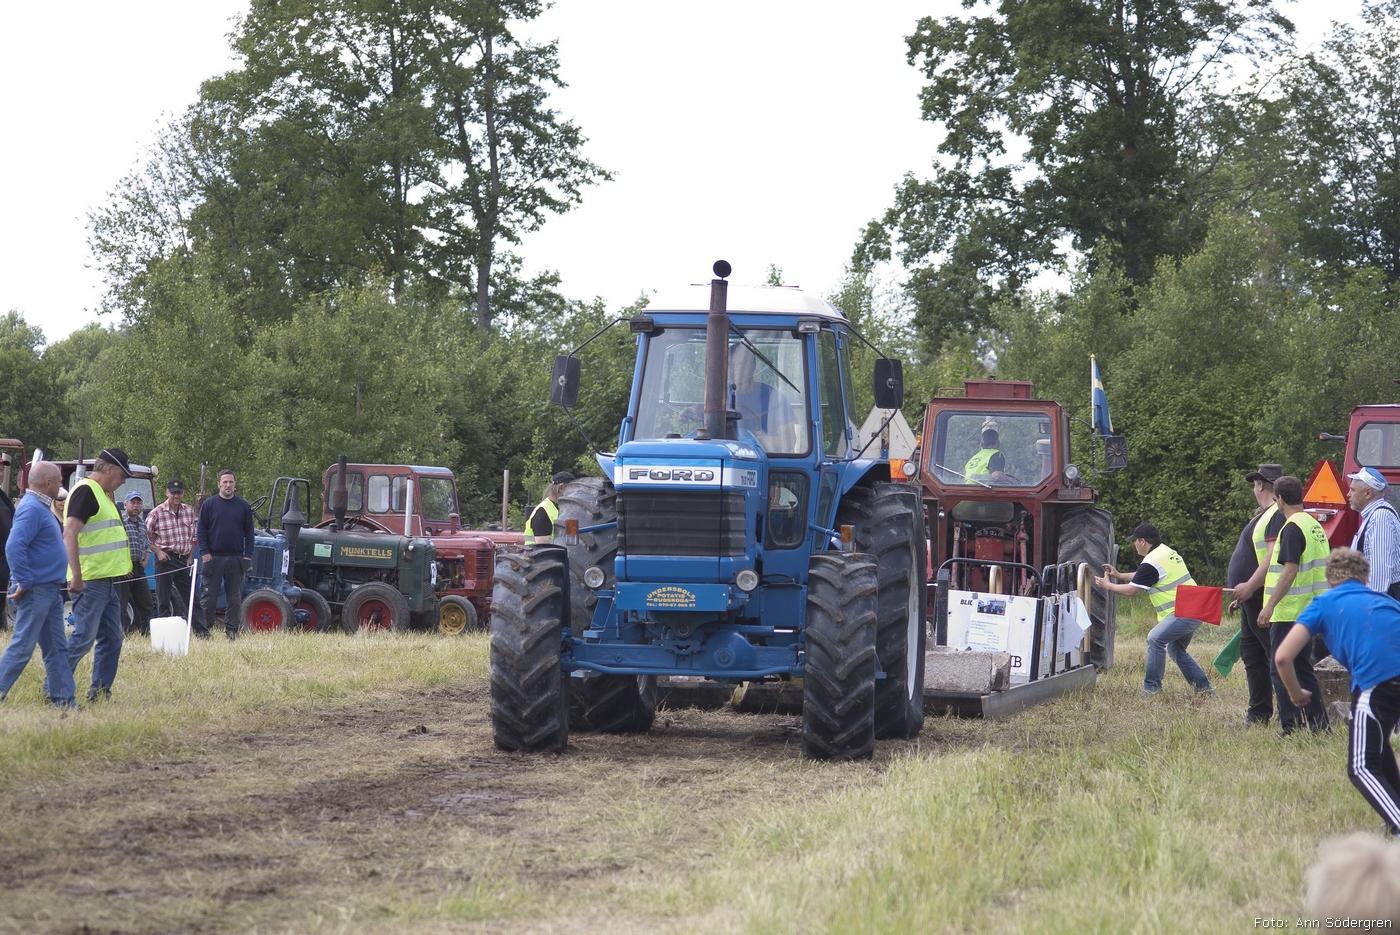 2011-06-18_217_Pulling